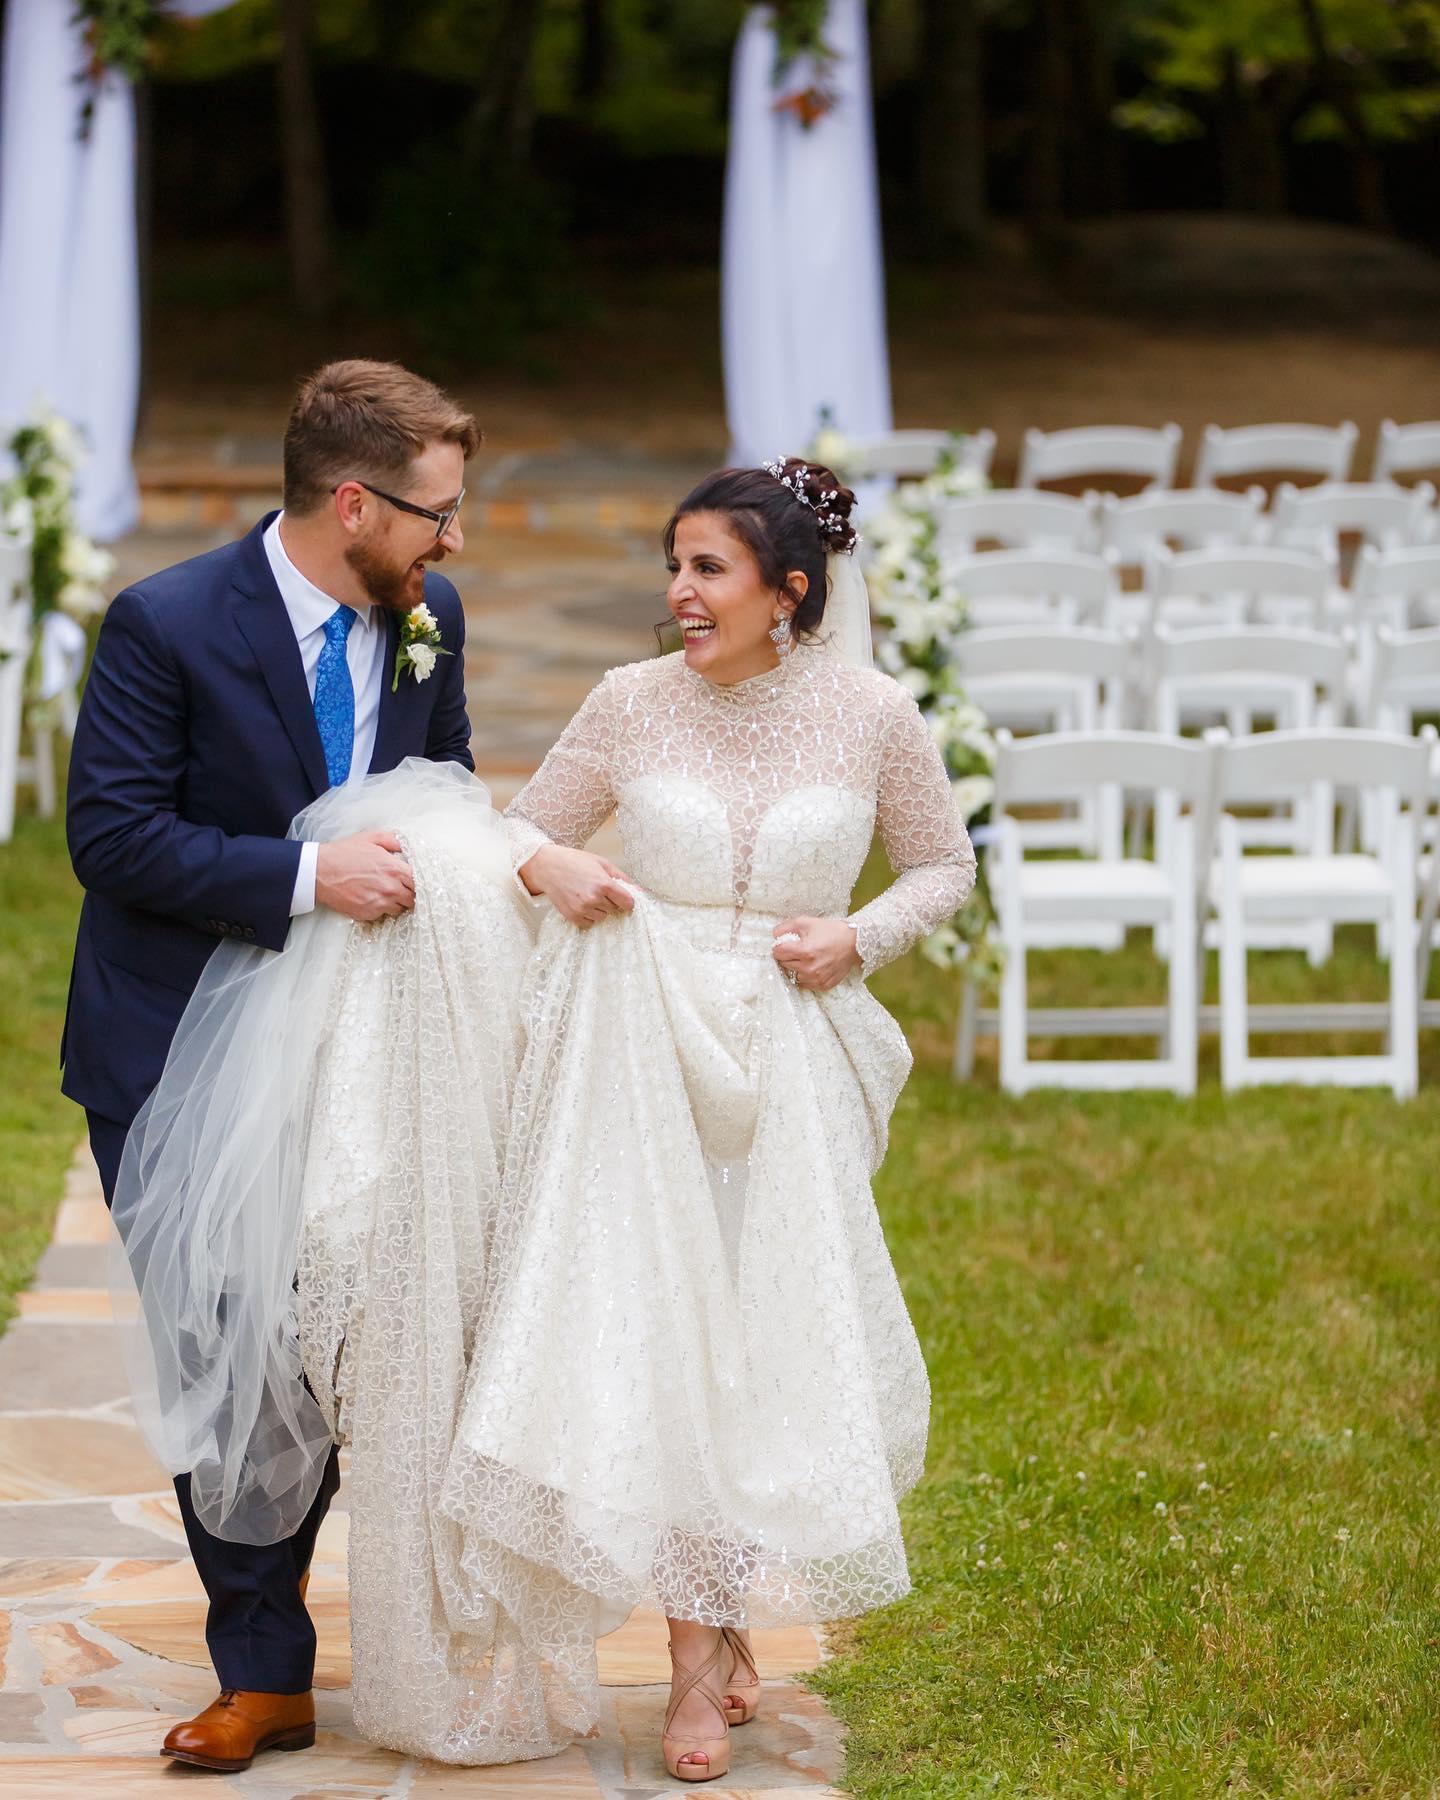 Image for post: Baydaa + Kelly's wedding at Vecoma